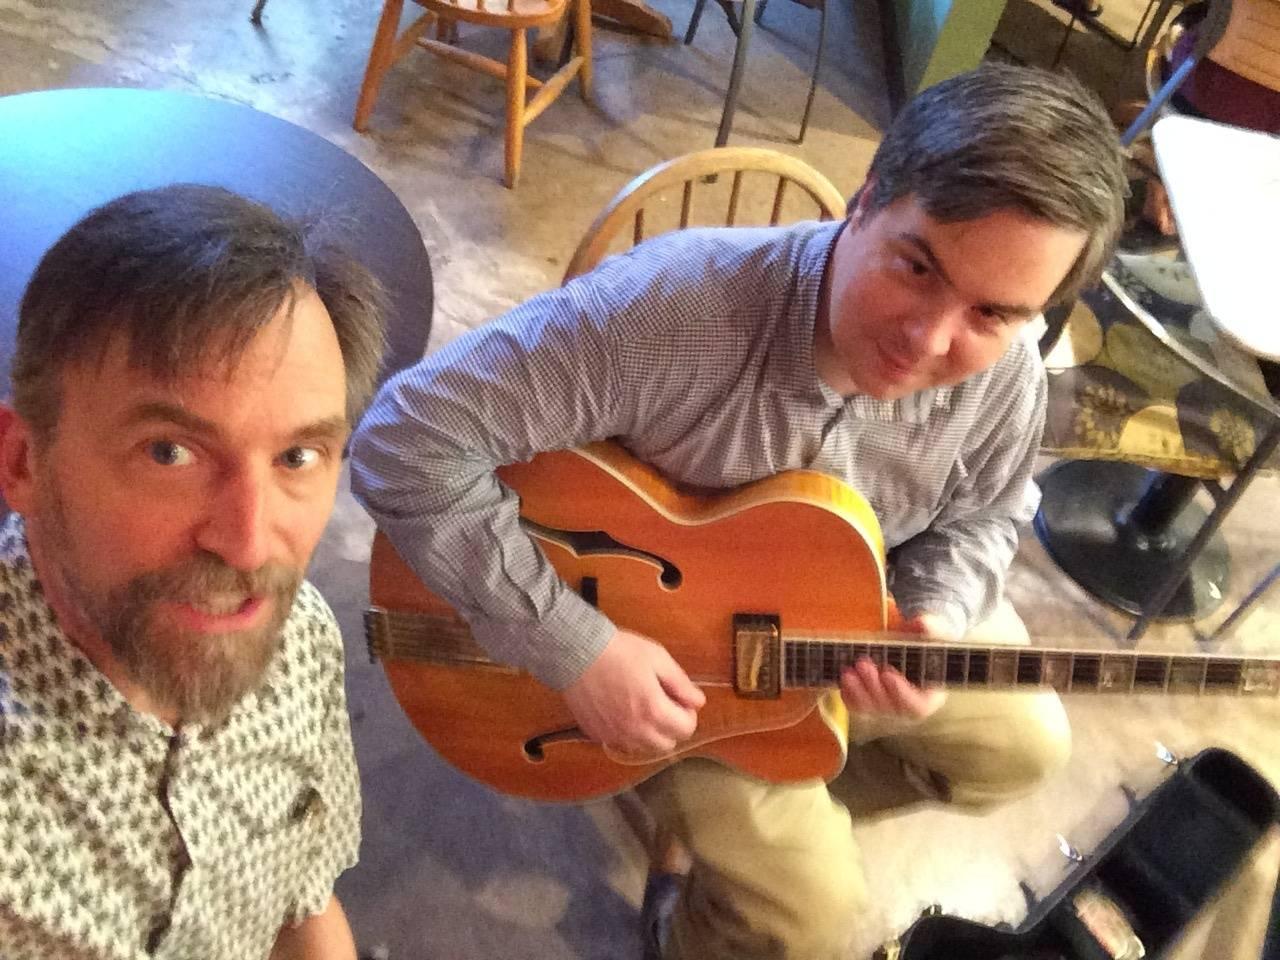 Mick and Mac selfie